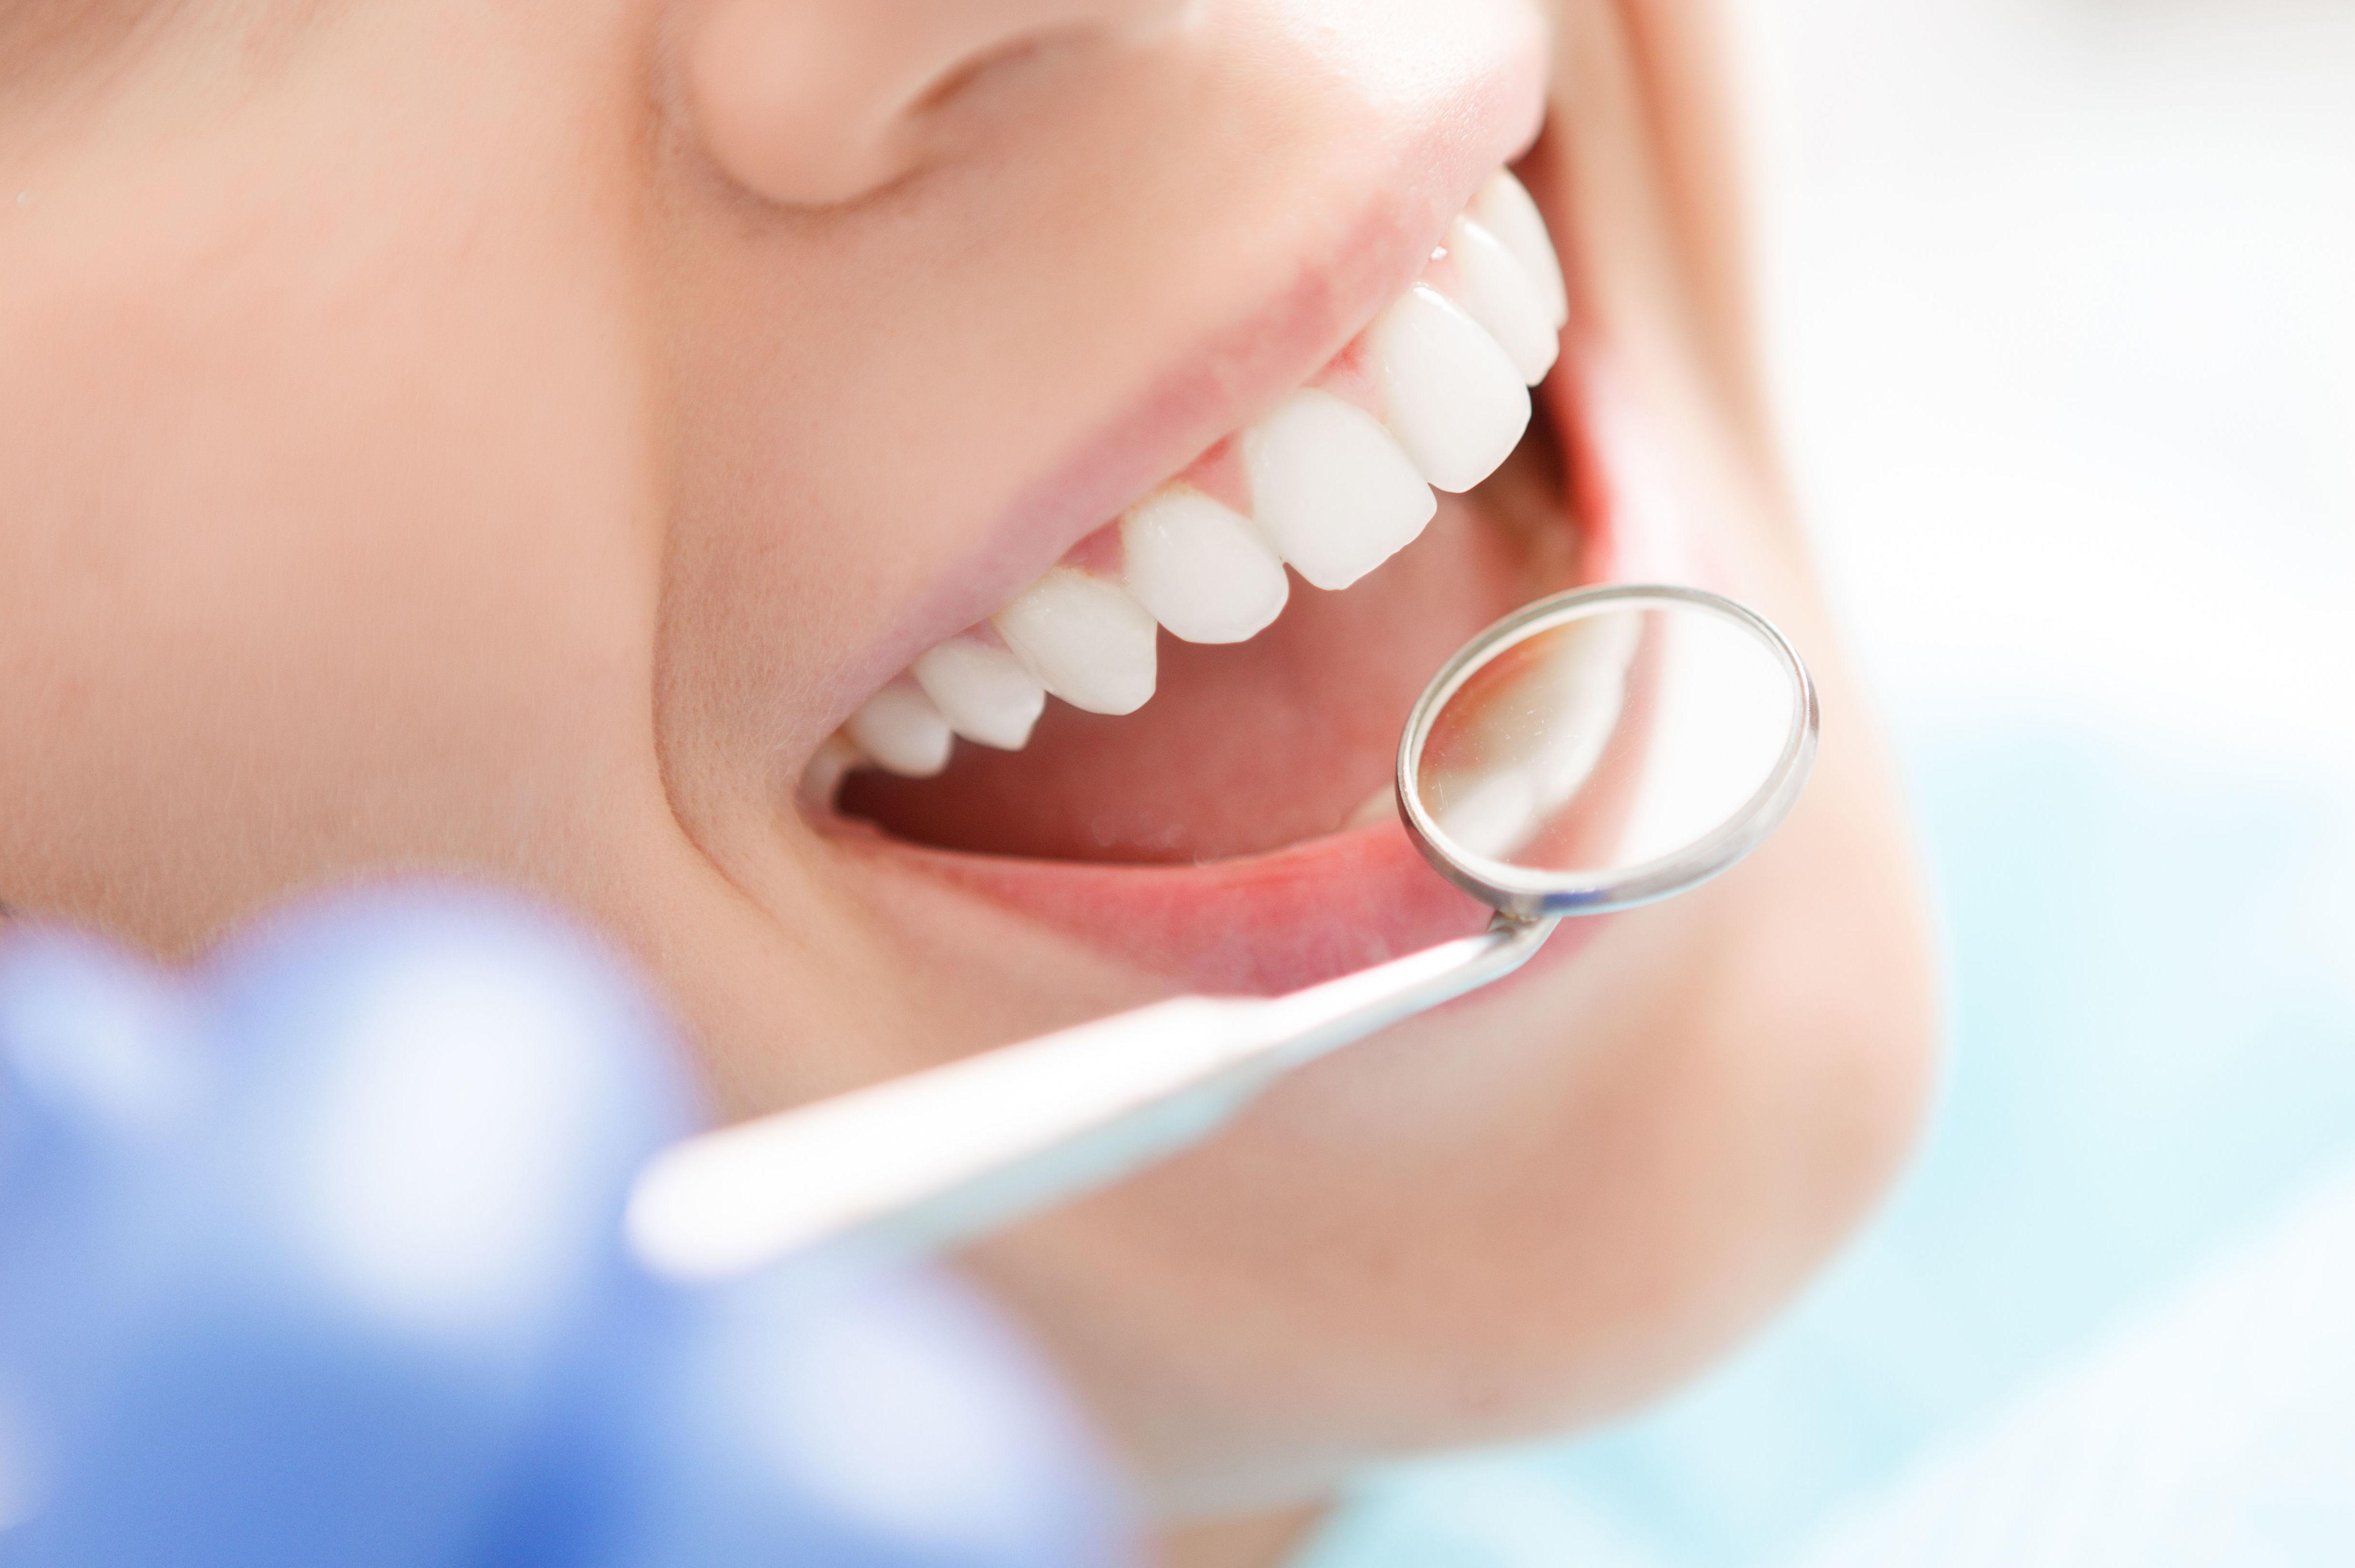 Foto 26 de Clínicas dentales en Madrid | Clínica Dental Reina Victoria 23